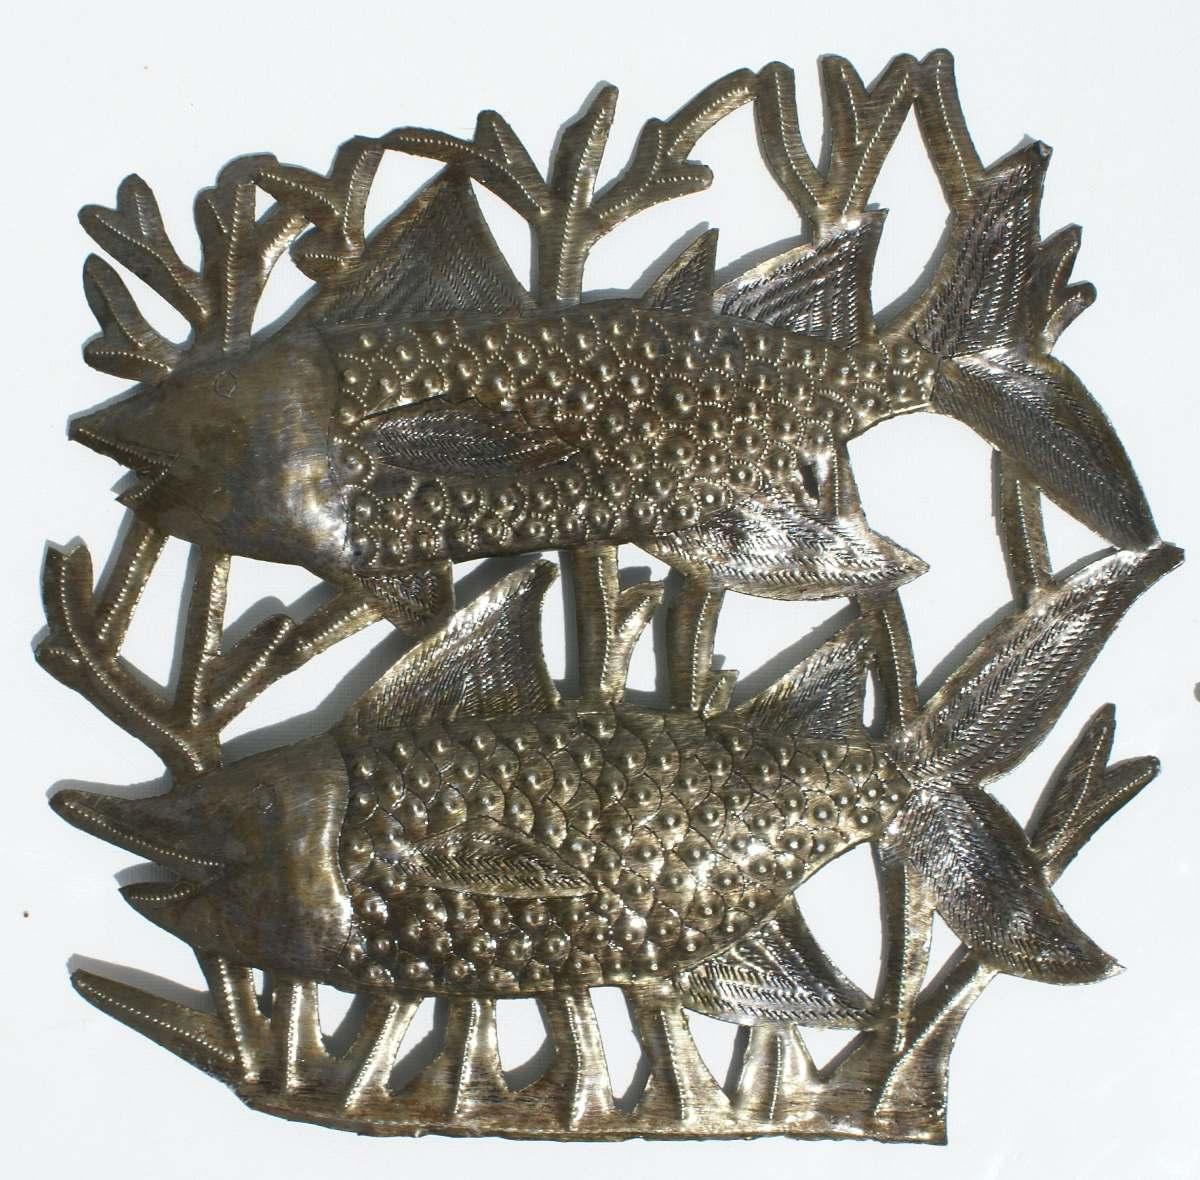 Los peces decoracion de pared de metal desde haiti 35cm for Adornos pared metal